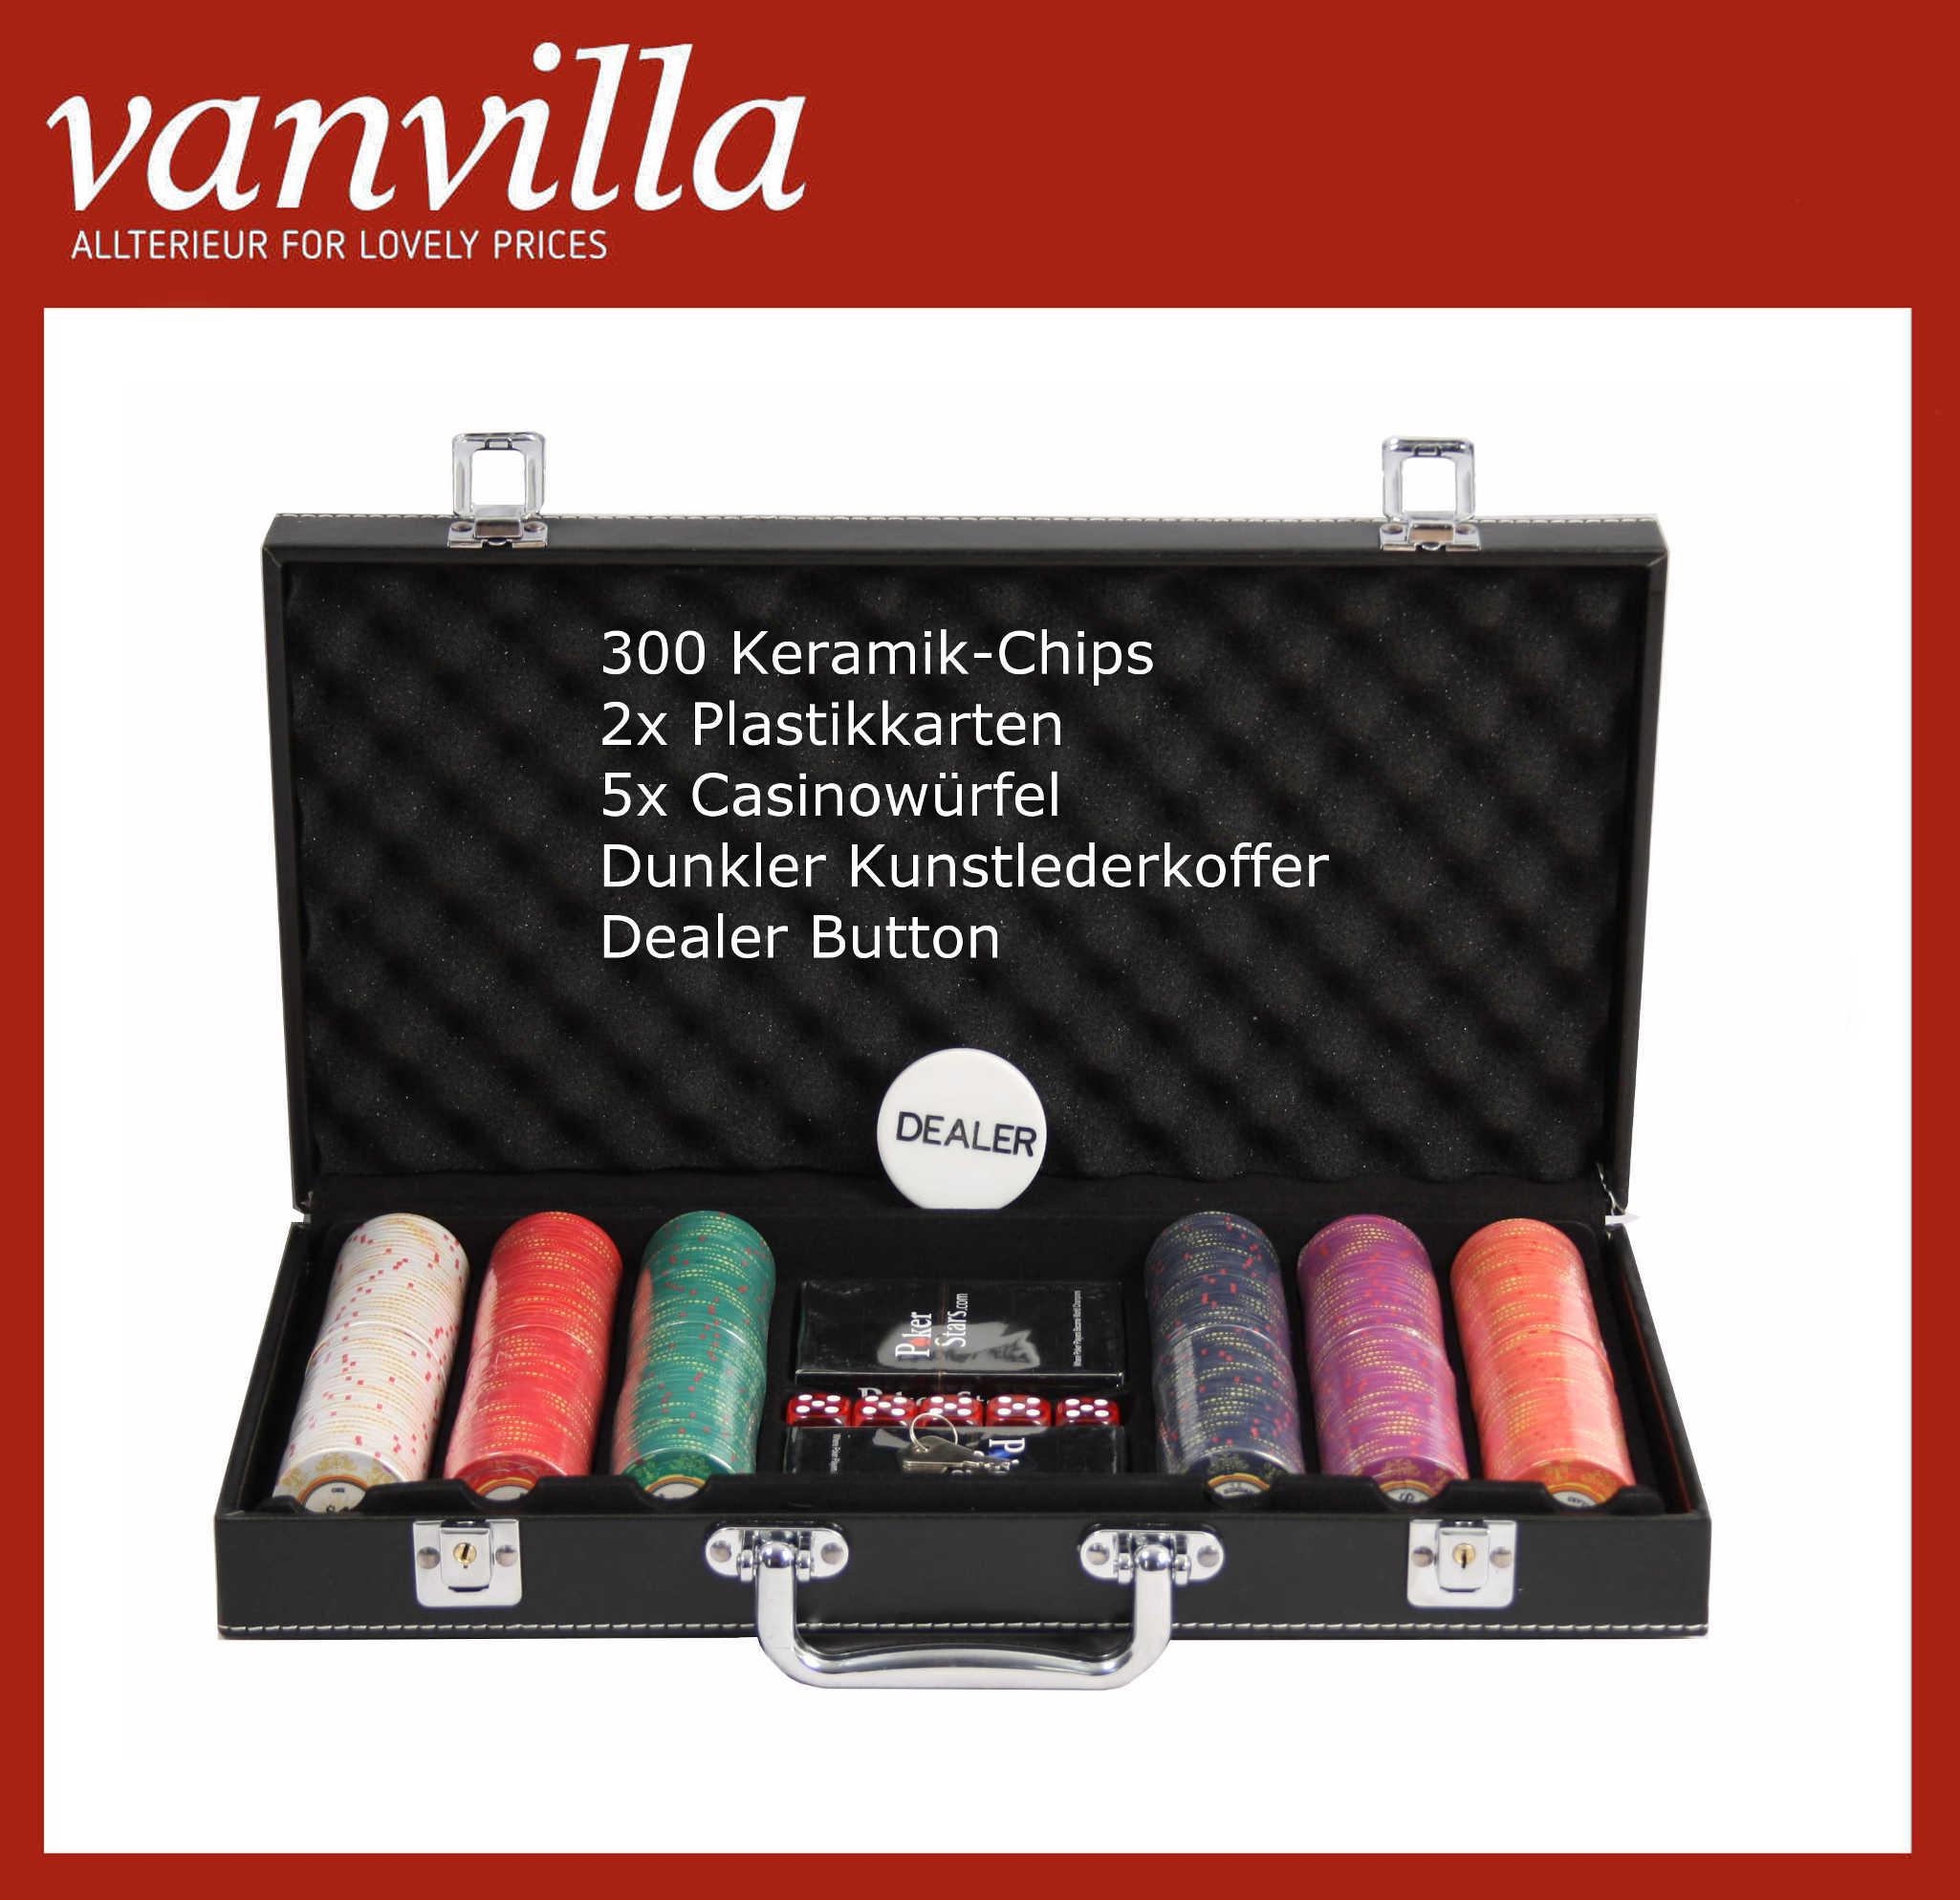 Pokerset 300 Keramik-Chips (10g) 2xPlastikkarten 5xCasinowürfel Kunstlederkoffer